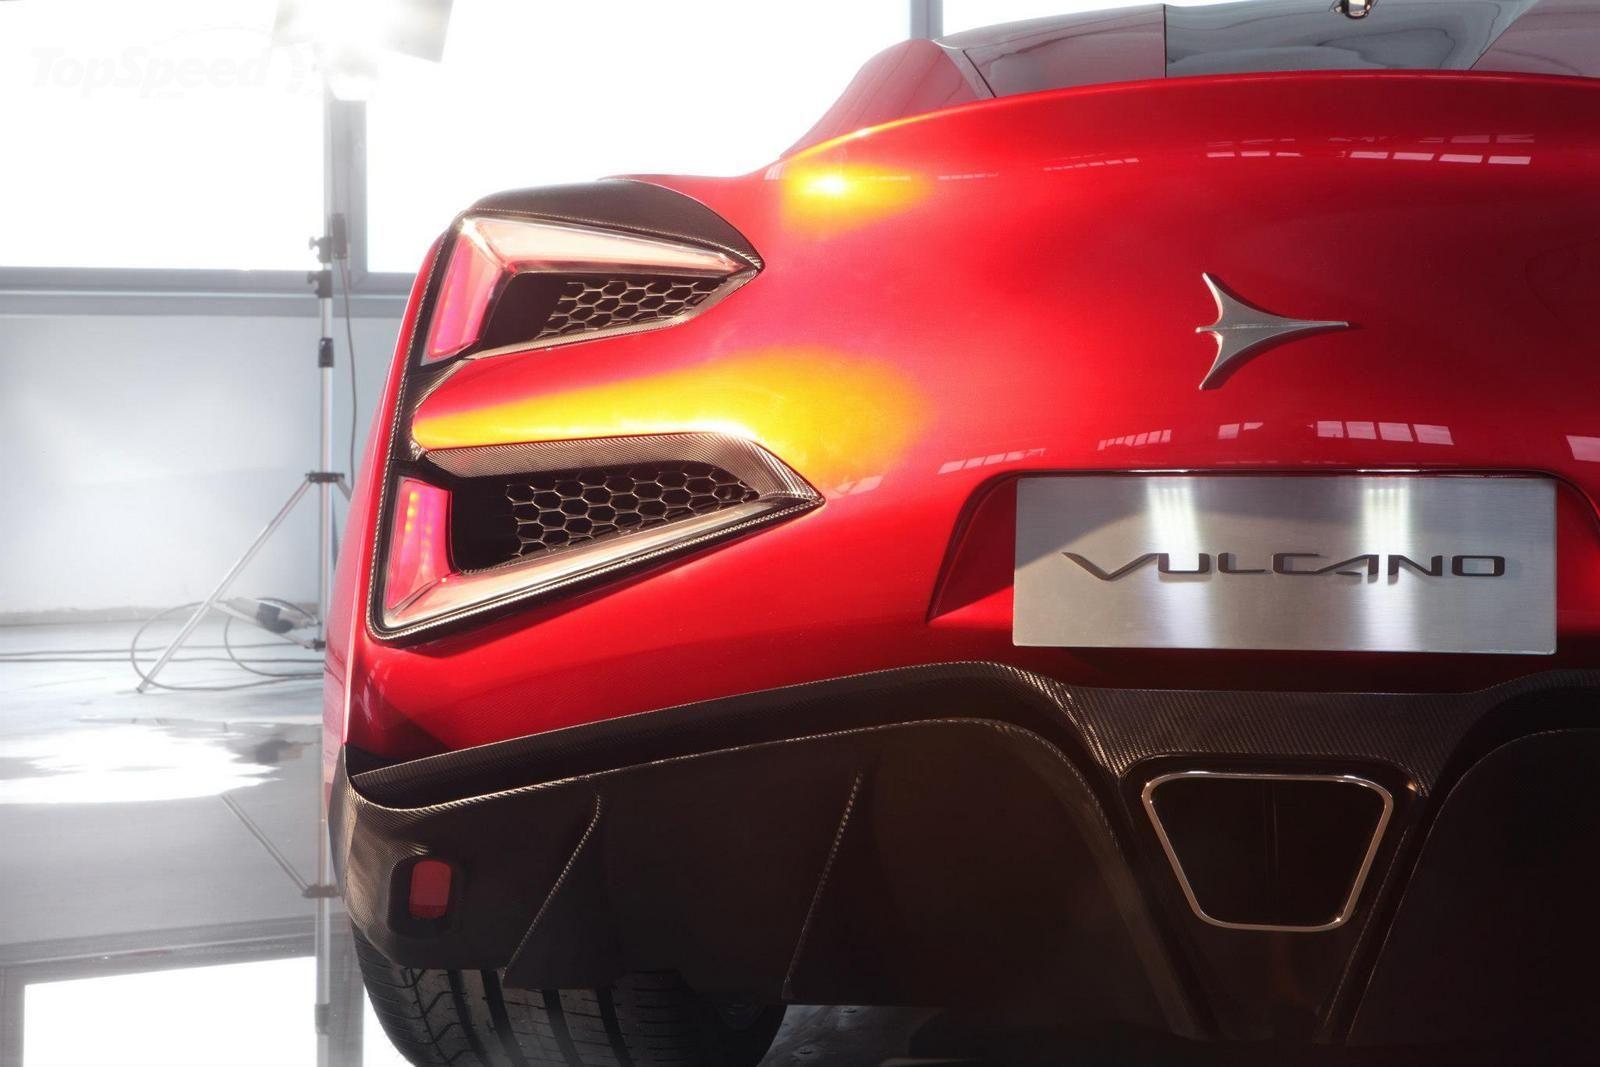 carro on 2013 Icona Vulcano Concept